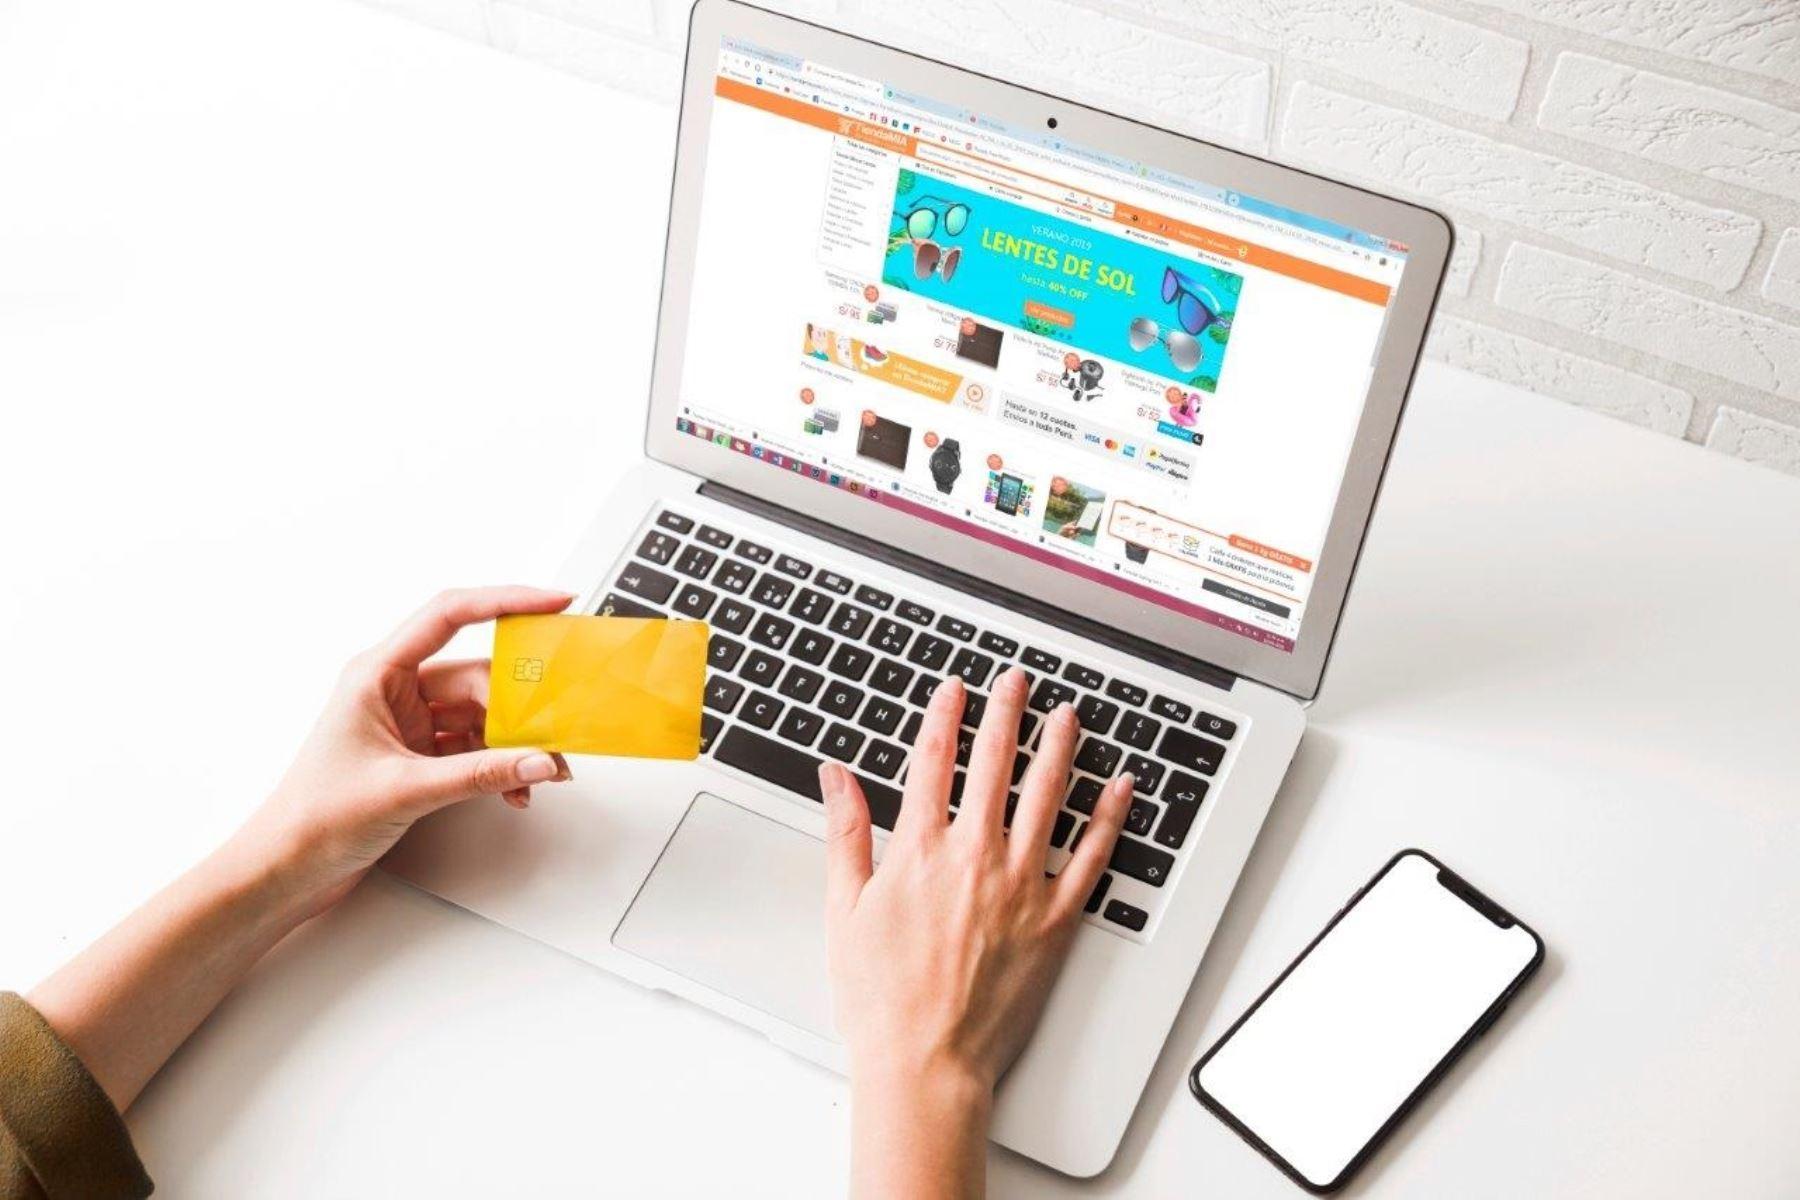 Capece: 8 propuestas para impulsar el e-commerce y la digitalización en el Perú